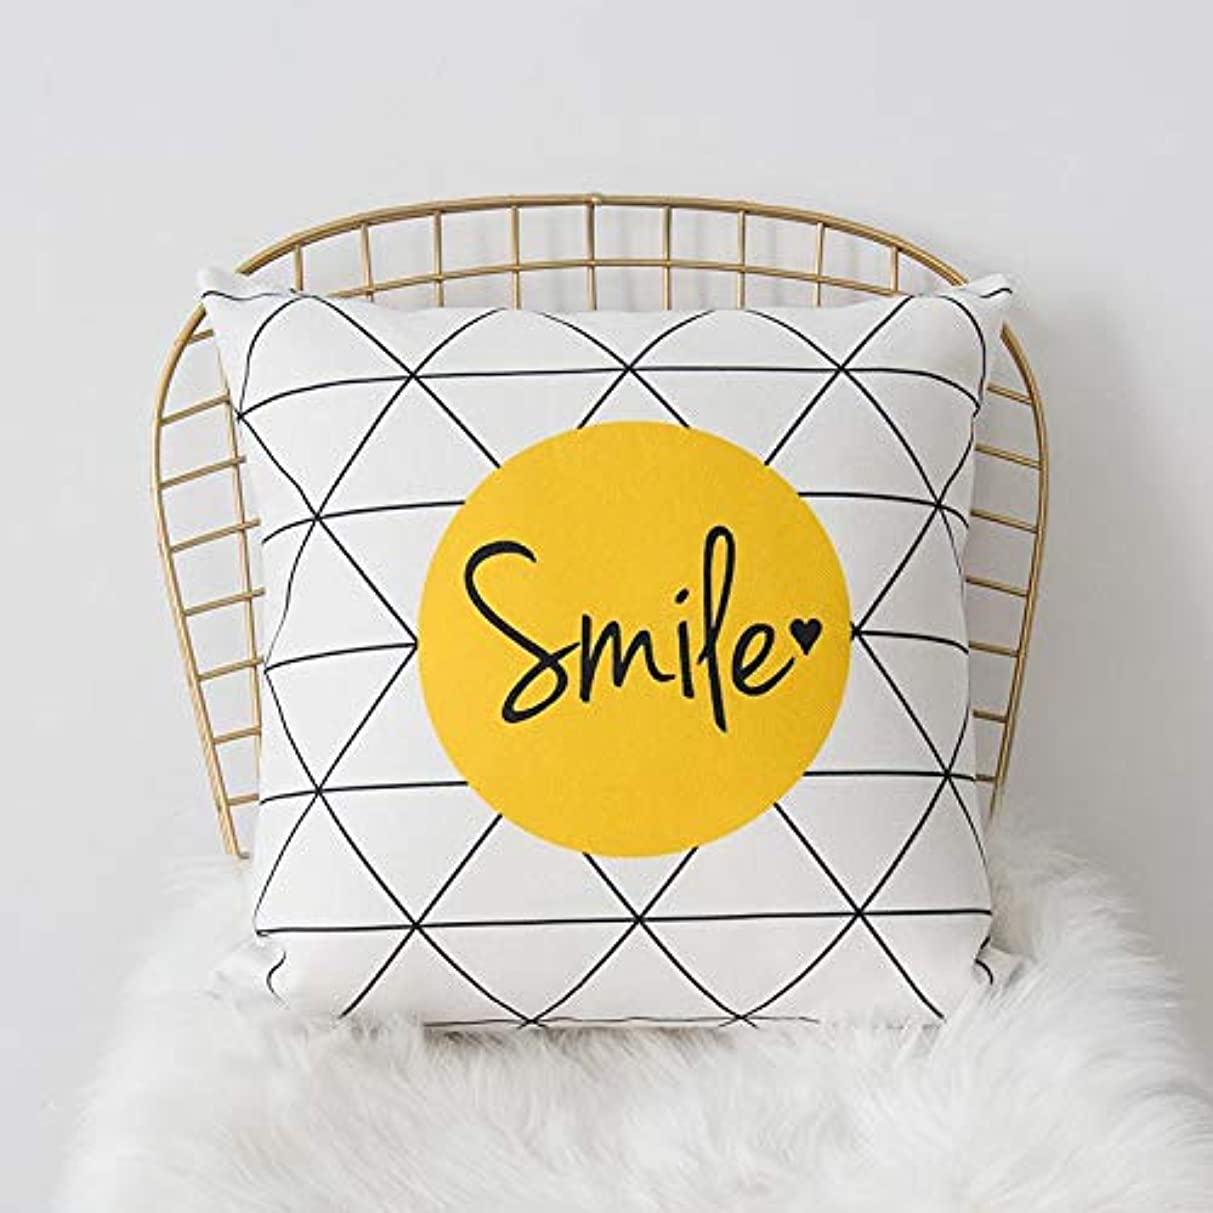 傭兵セグメント喜劇LIFE 黄色グレー枕北欧スタイル黄色ヘラジカ幾何枕リビングルームのインテリアソファクッション Cojines 装飾良質 クッション 椅子